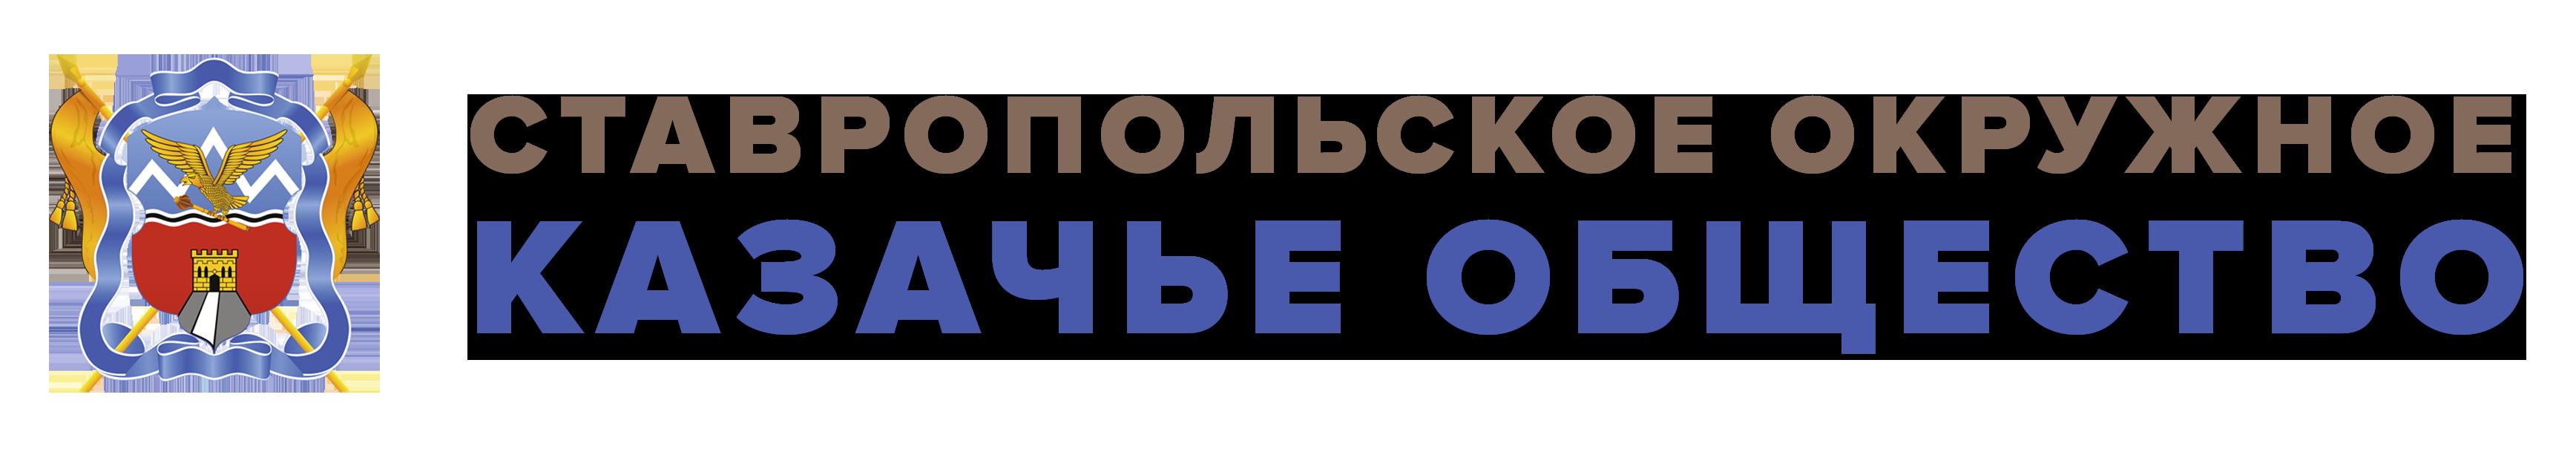 Ставропольское окружное казачье общество